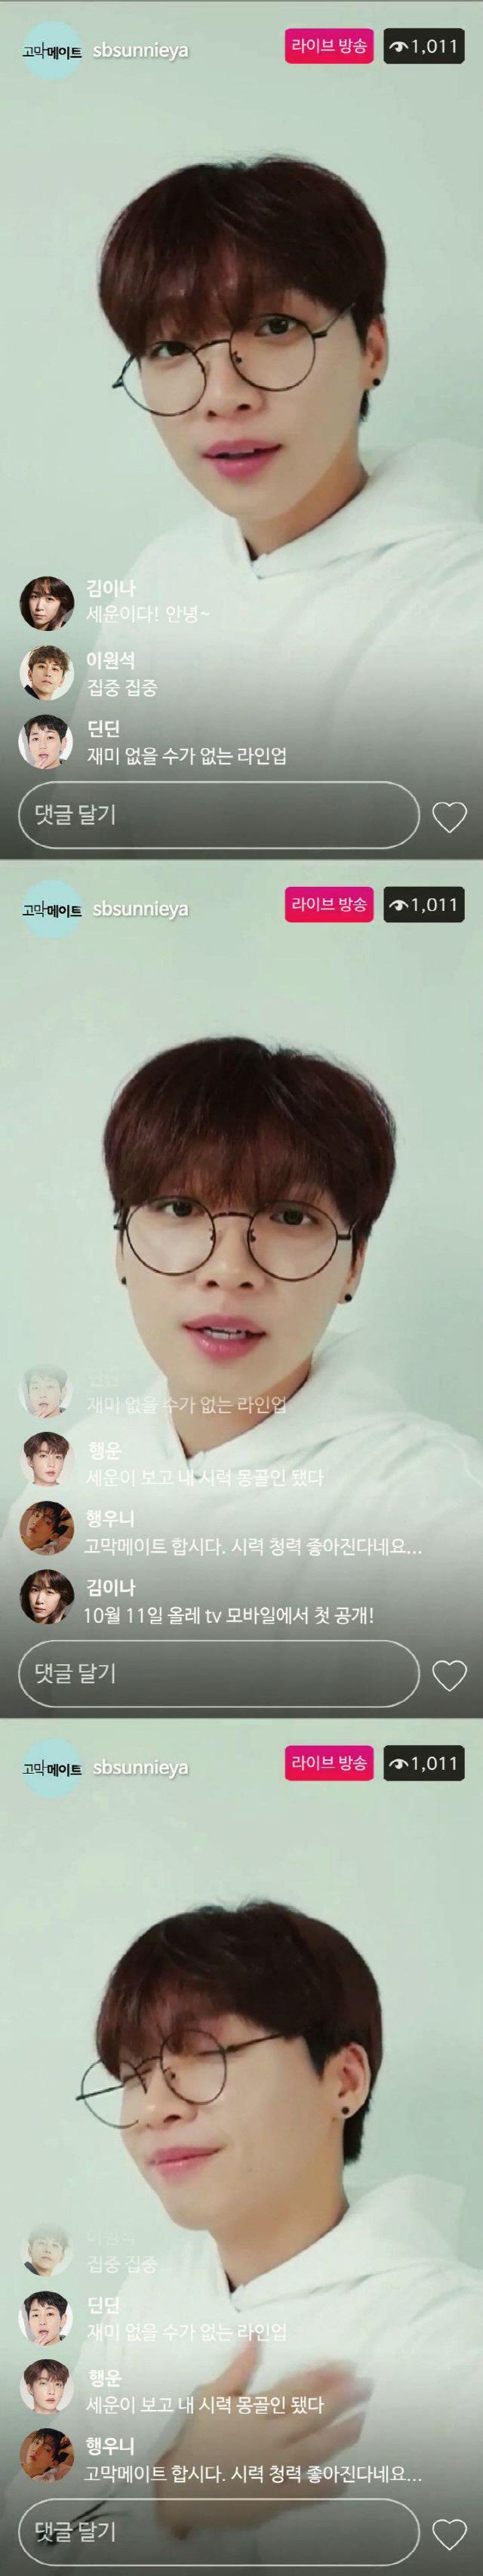 """'고막메이트' 가수 정세운, 심쿵 영상통화 공개...""""제 메이트 돼주실거죠?"""""""